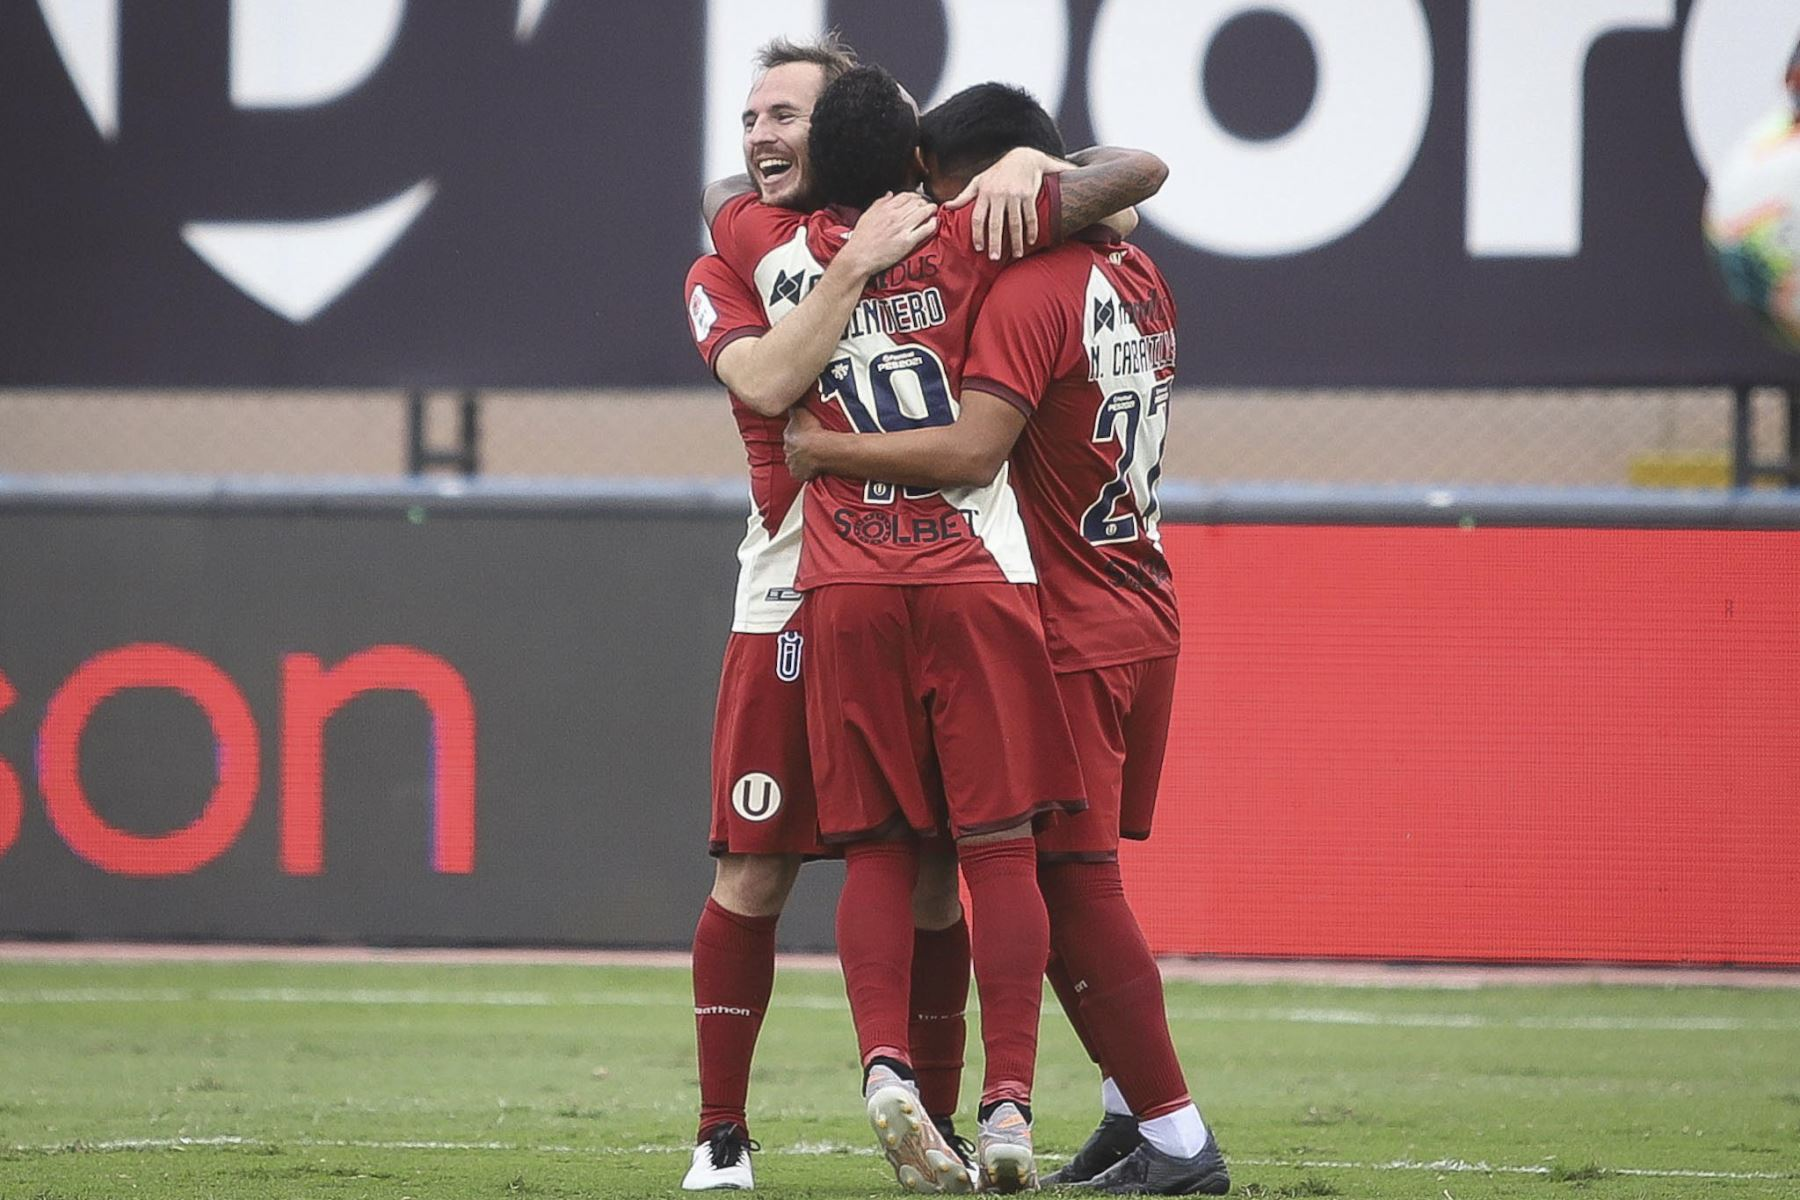 Hernán Novick de Universitario celebra con sus compañeros tras marcar el 1-0 ante Carlos Manucci durante partido por la tercera fecha de la Liga 1, en el Estadio Miguel Grau. Foto: Liga 1